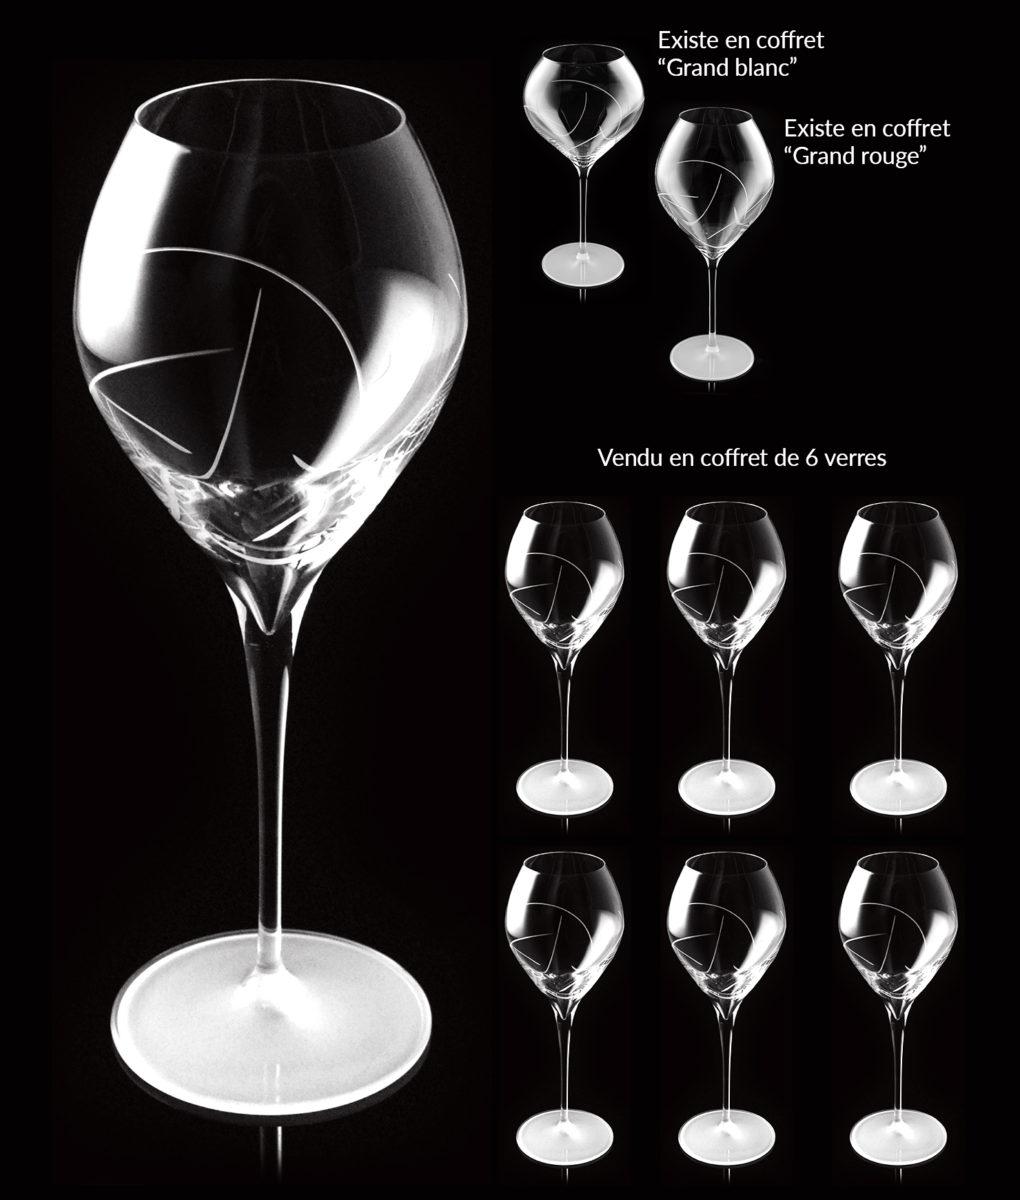 Verres à vin Grand champagne_DSC_9273_Montage